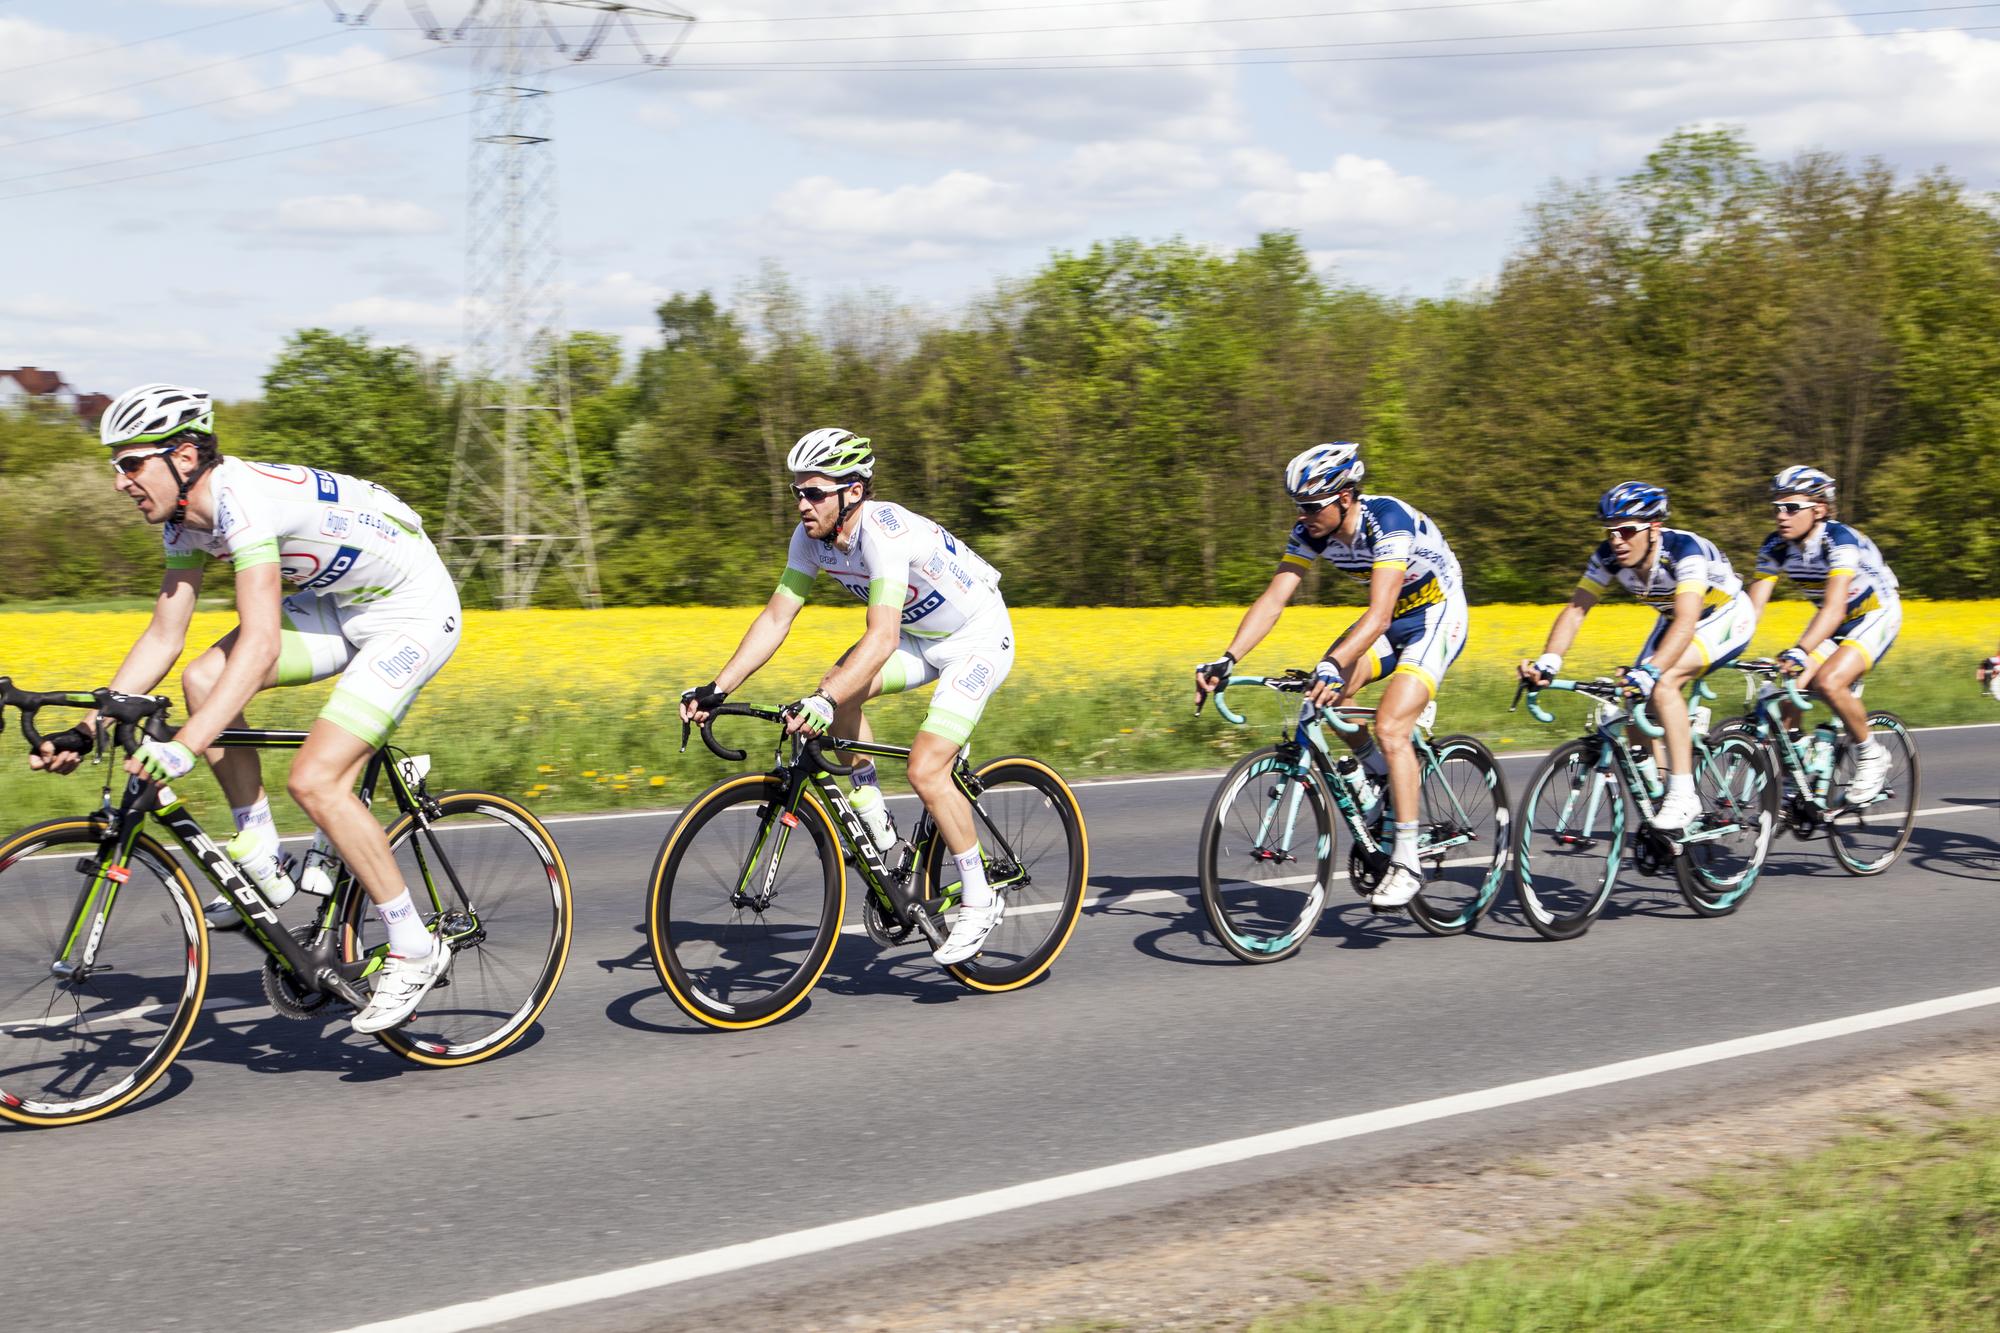 race on road bike wheels